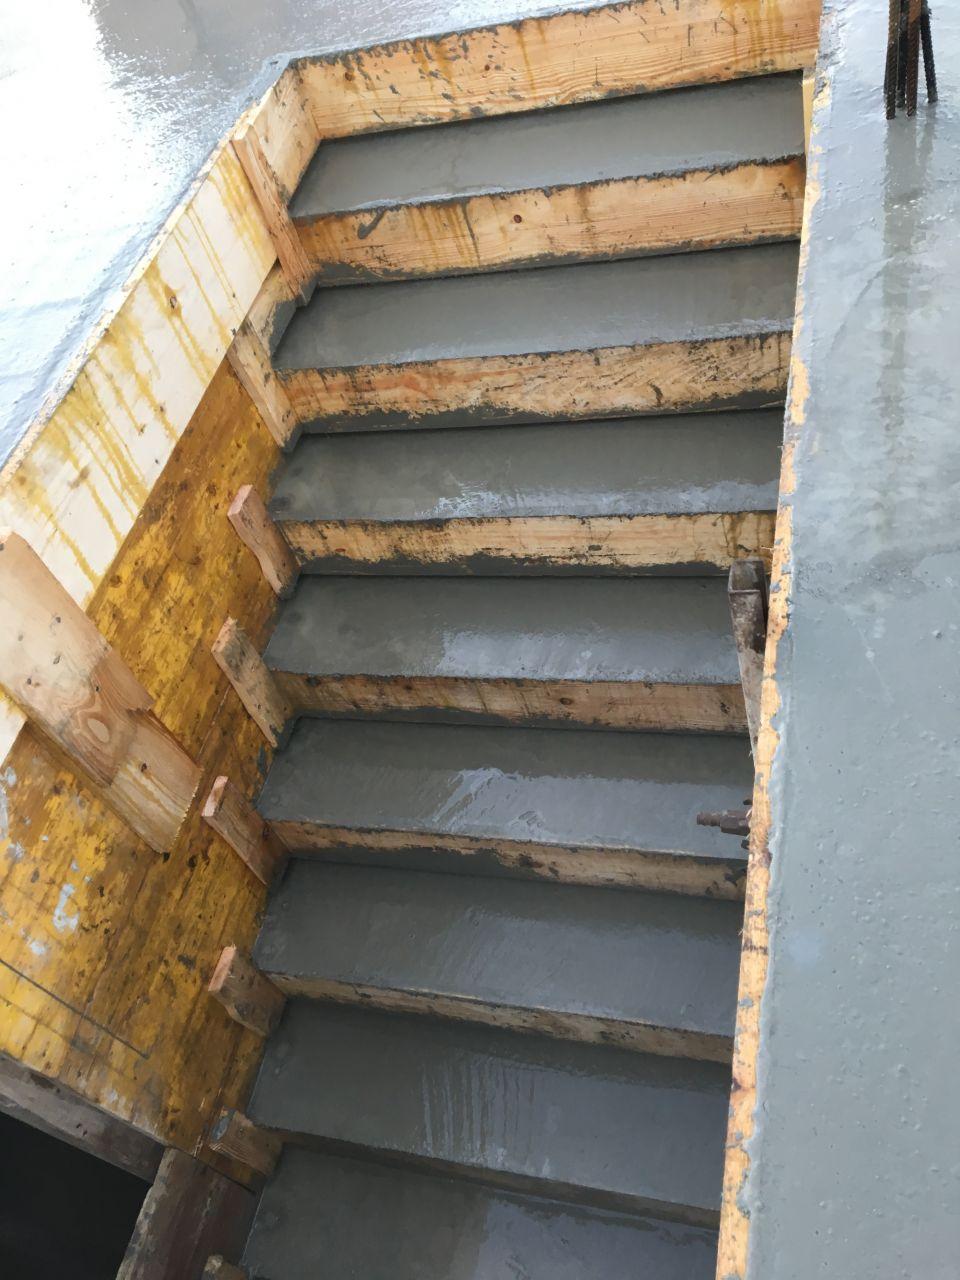 Escalier béton - coulage du béton